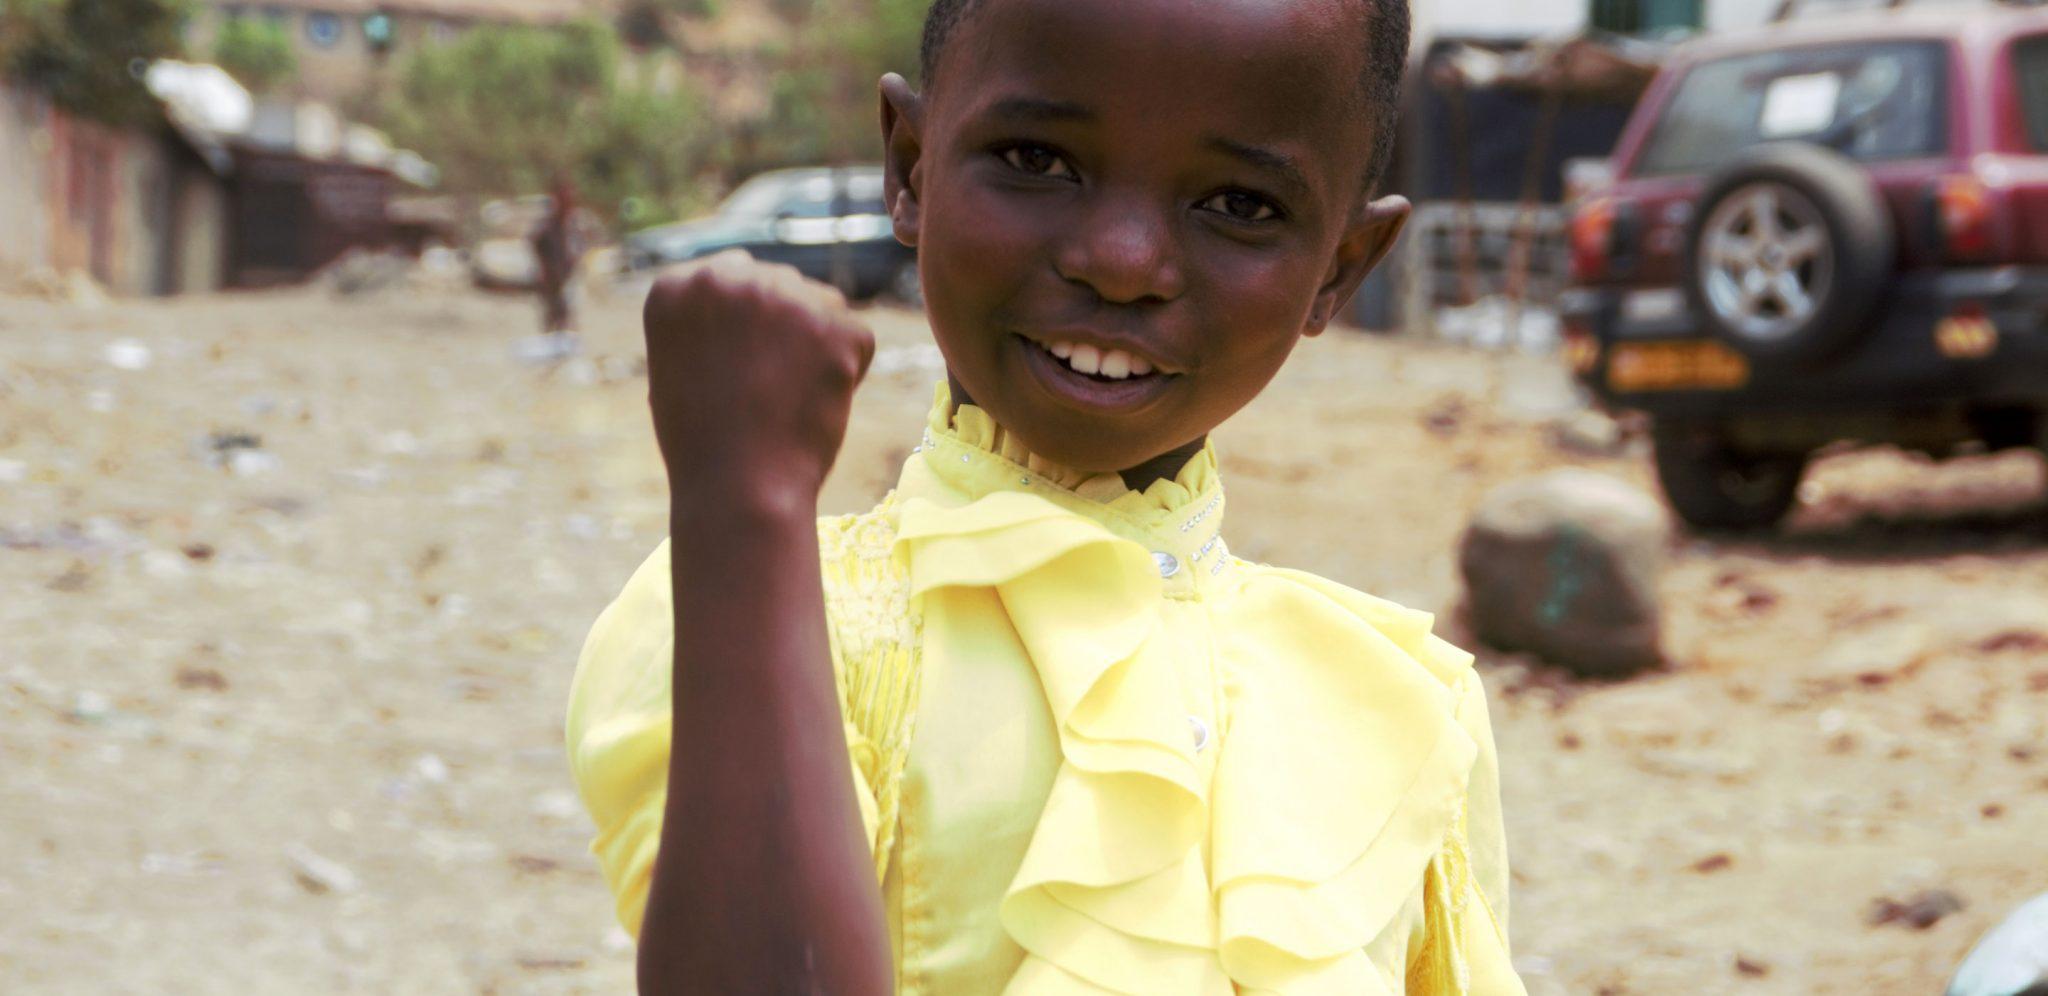 Alla flickor har rätt till en trygg skolgång. Vi och våra partners finns på plats i DR Kongo och jobbar för alla flickors rätt till en trygg skolgång. På bilden ser vi Pascaline Furaha. Foto: Bertin Mungombe